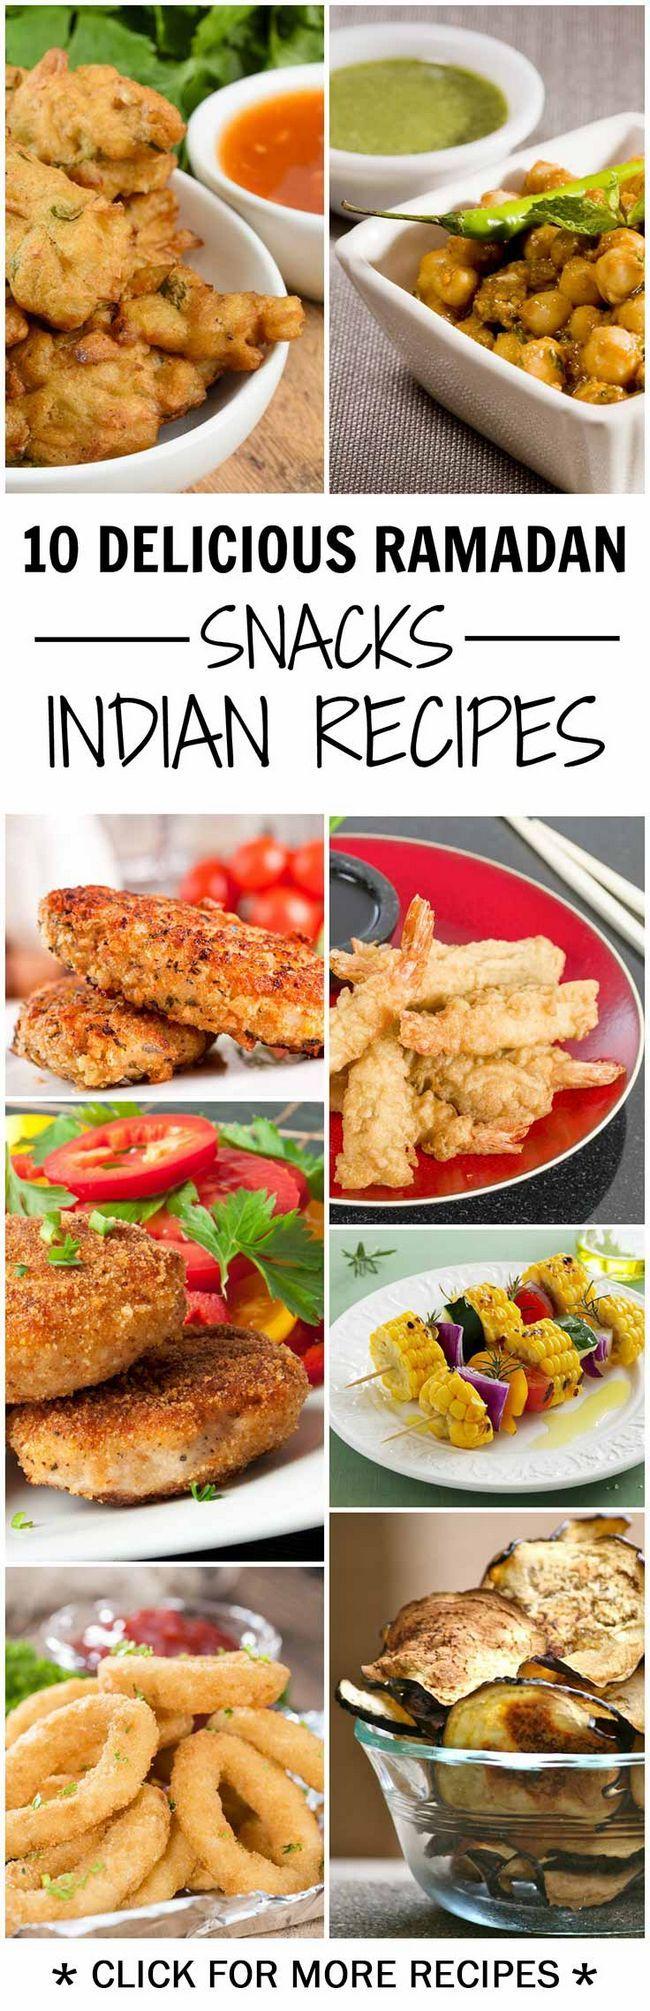 10 Köstliche ramadan Snacks indische Rezepte müssen Sie